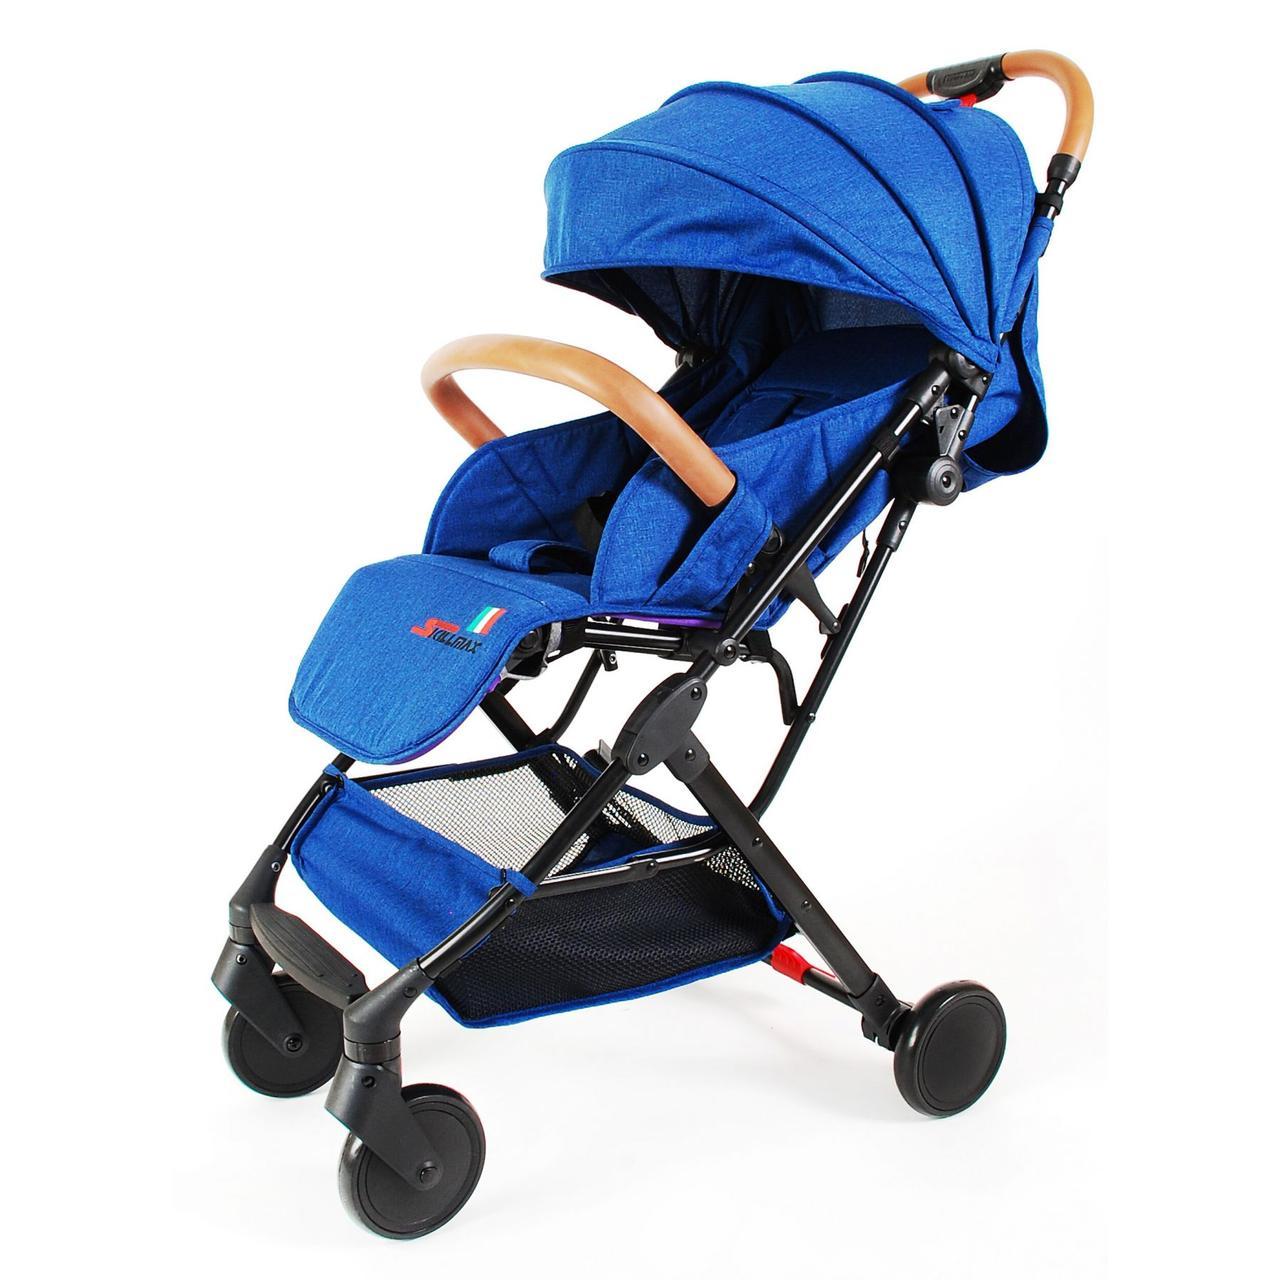 Прогулочная коляска Skillmax TL- BLX 20 синий  (darck blue)